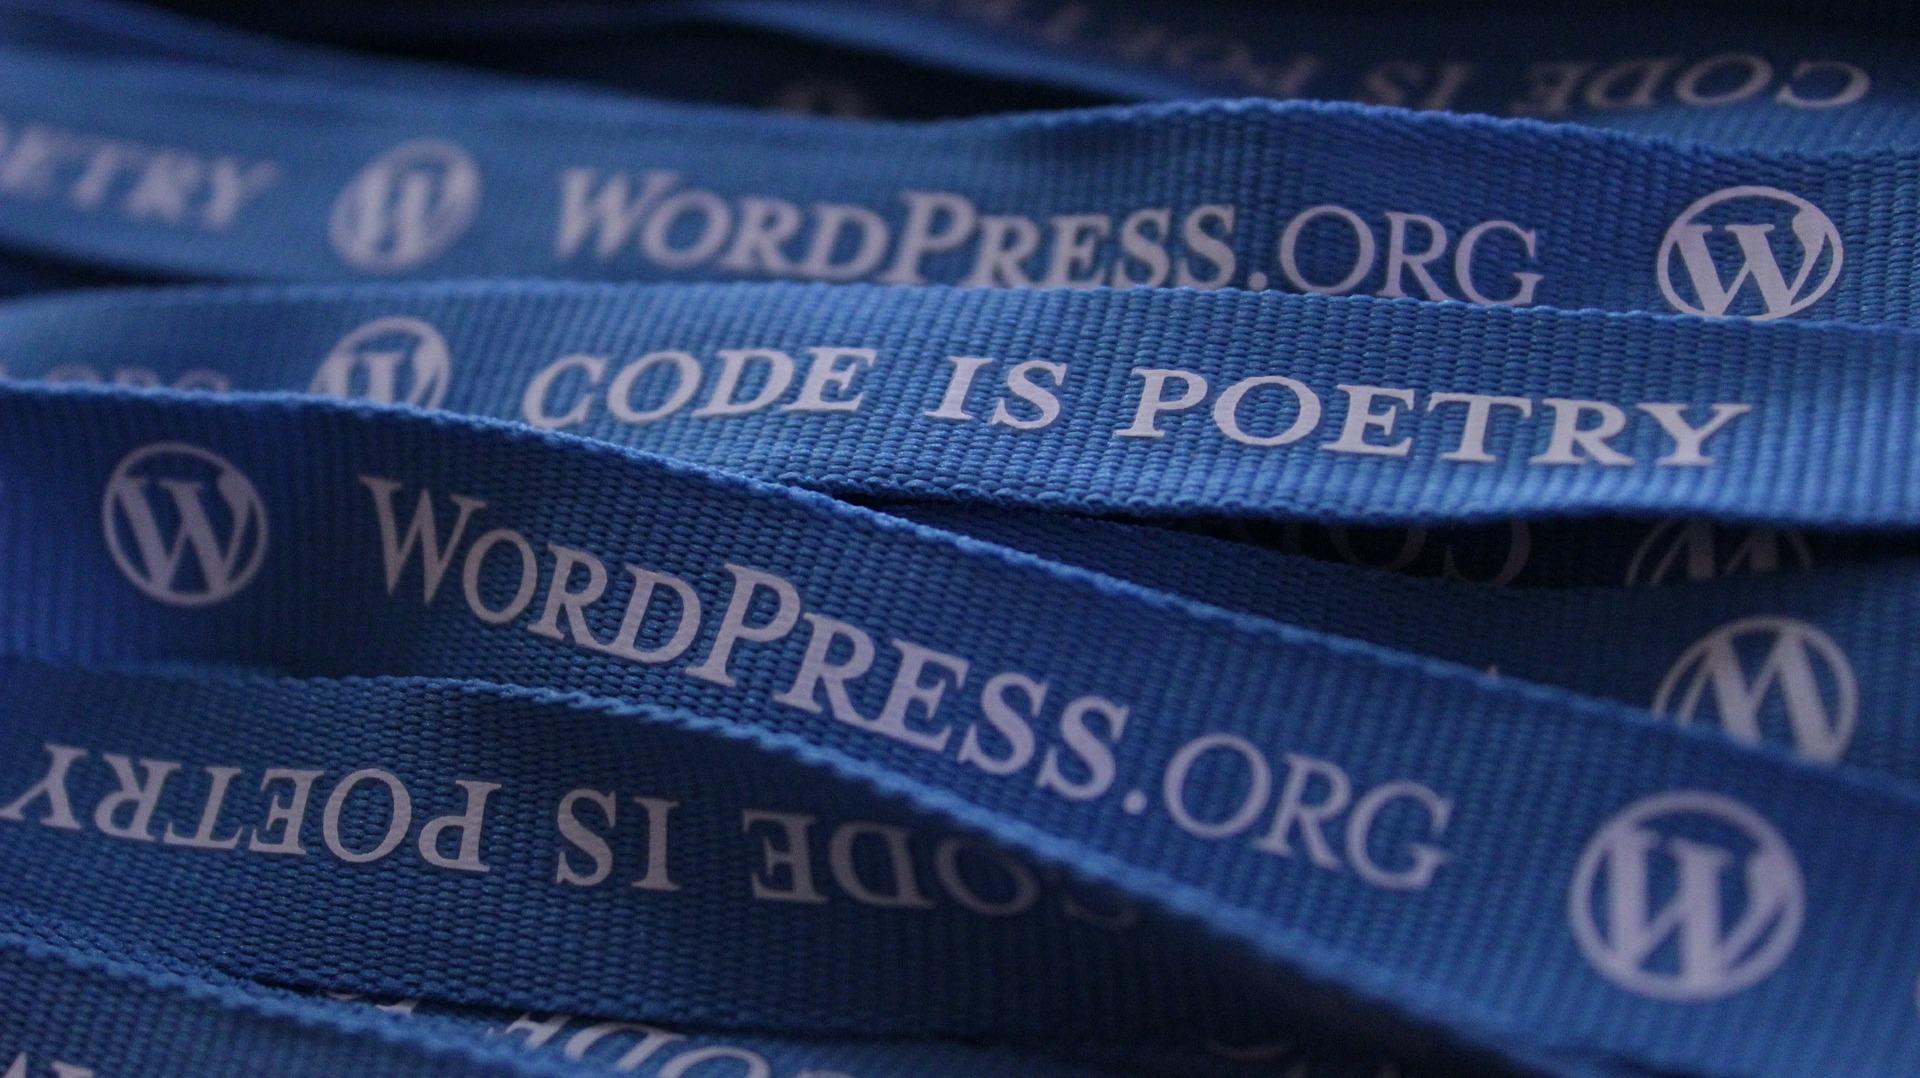 Bloggen mit WordPress ist der Standard fuer selbst gehostete Blogs